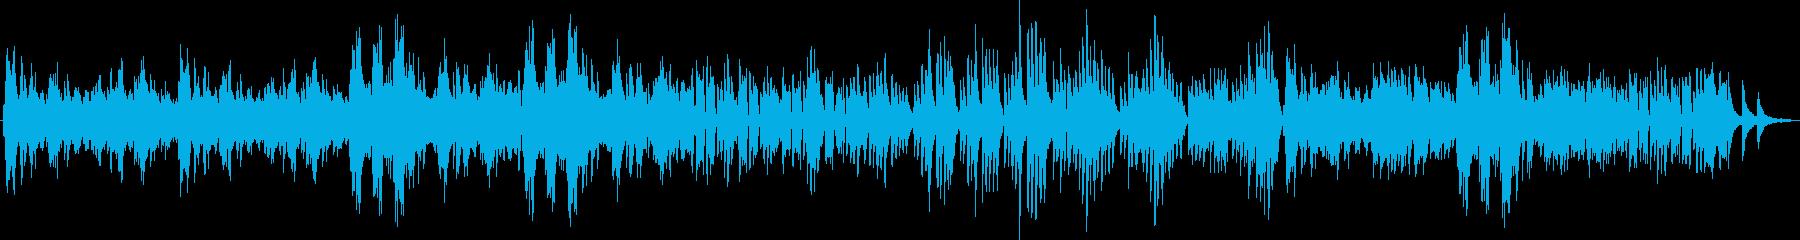 スラブ舞曲 ピアノ連弾の再生済みの波形